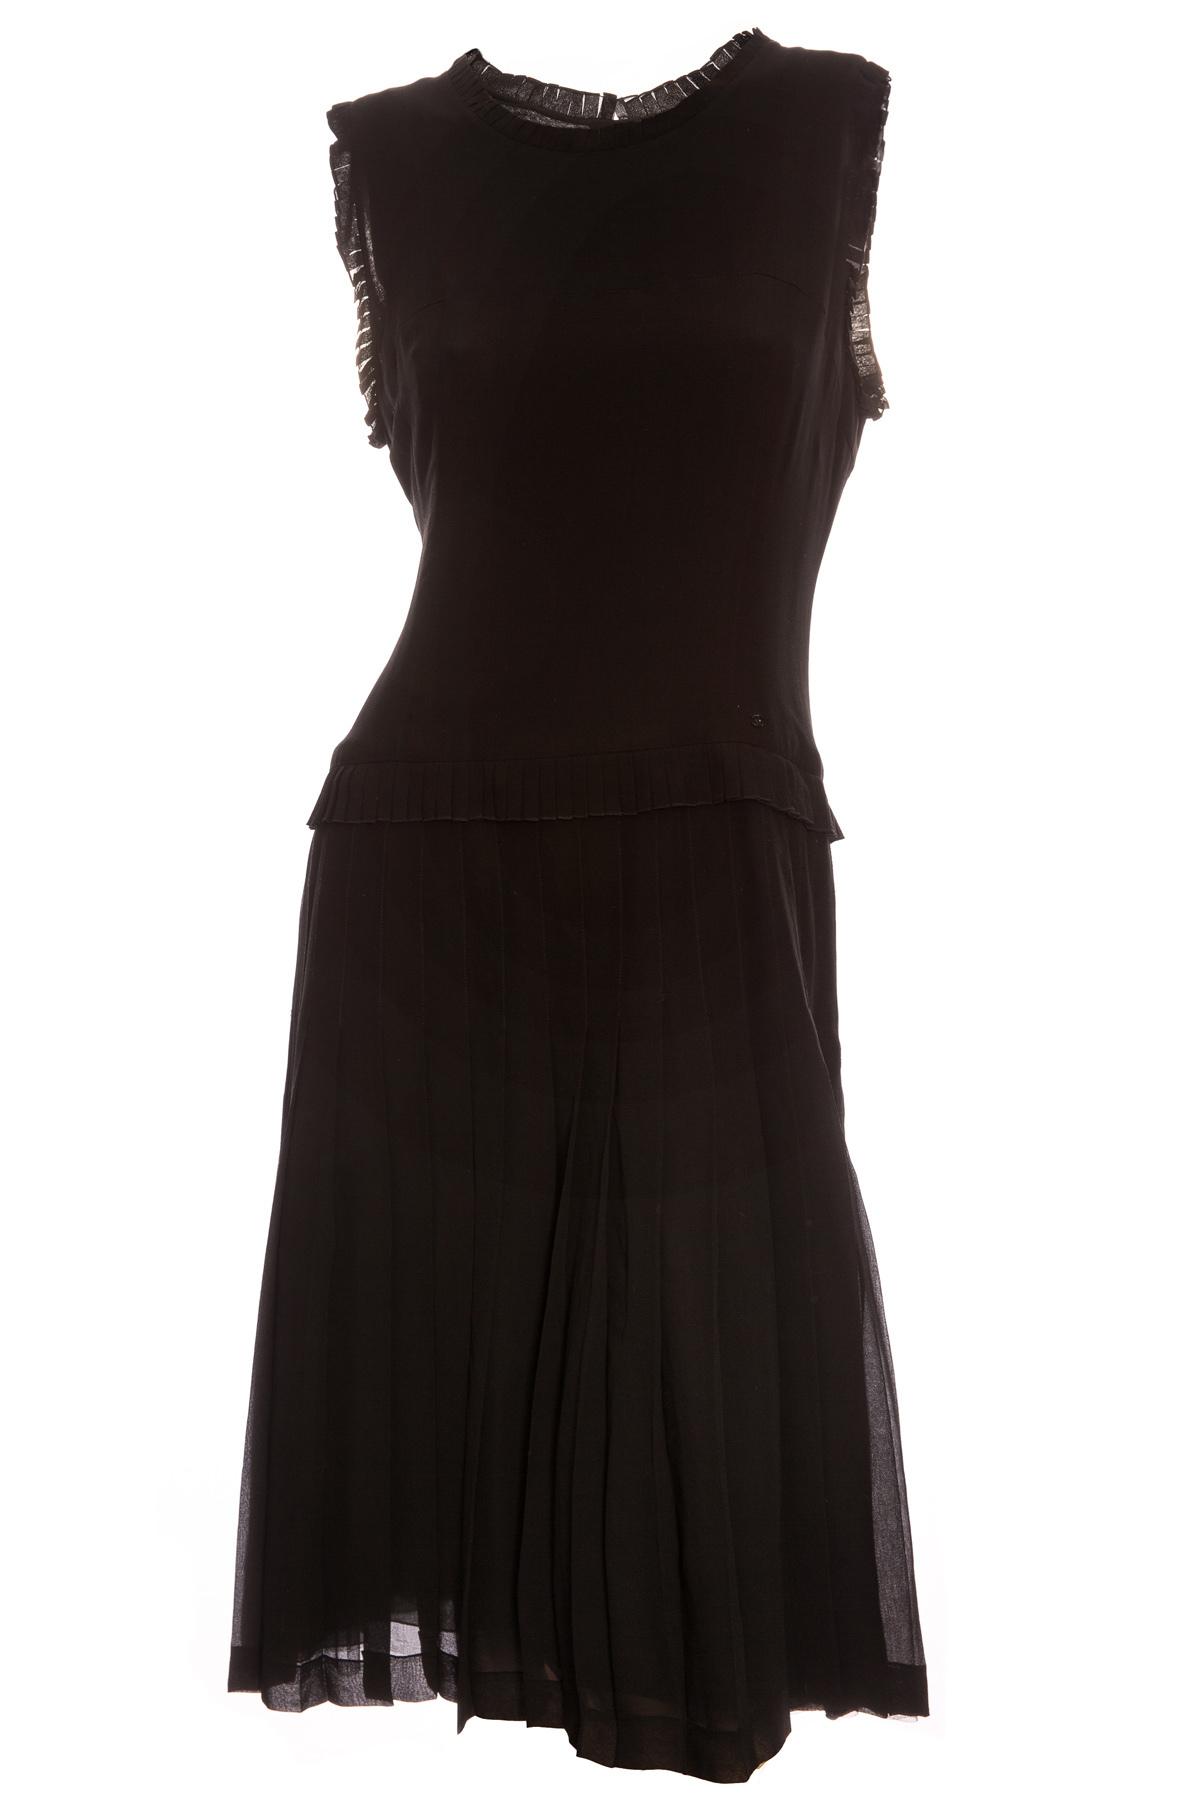 Элегантное чёрное шёлковое платье от Chanel, 44 размер